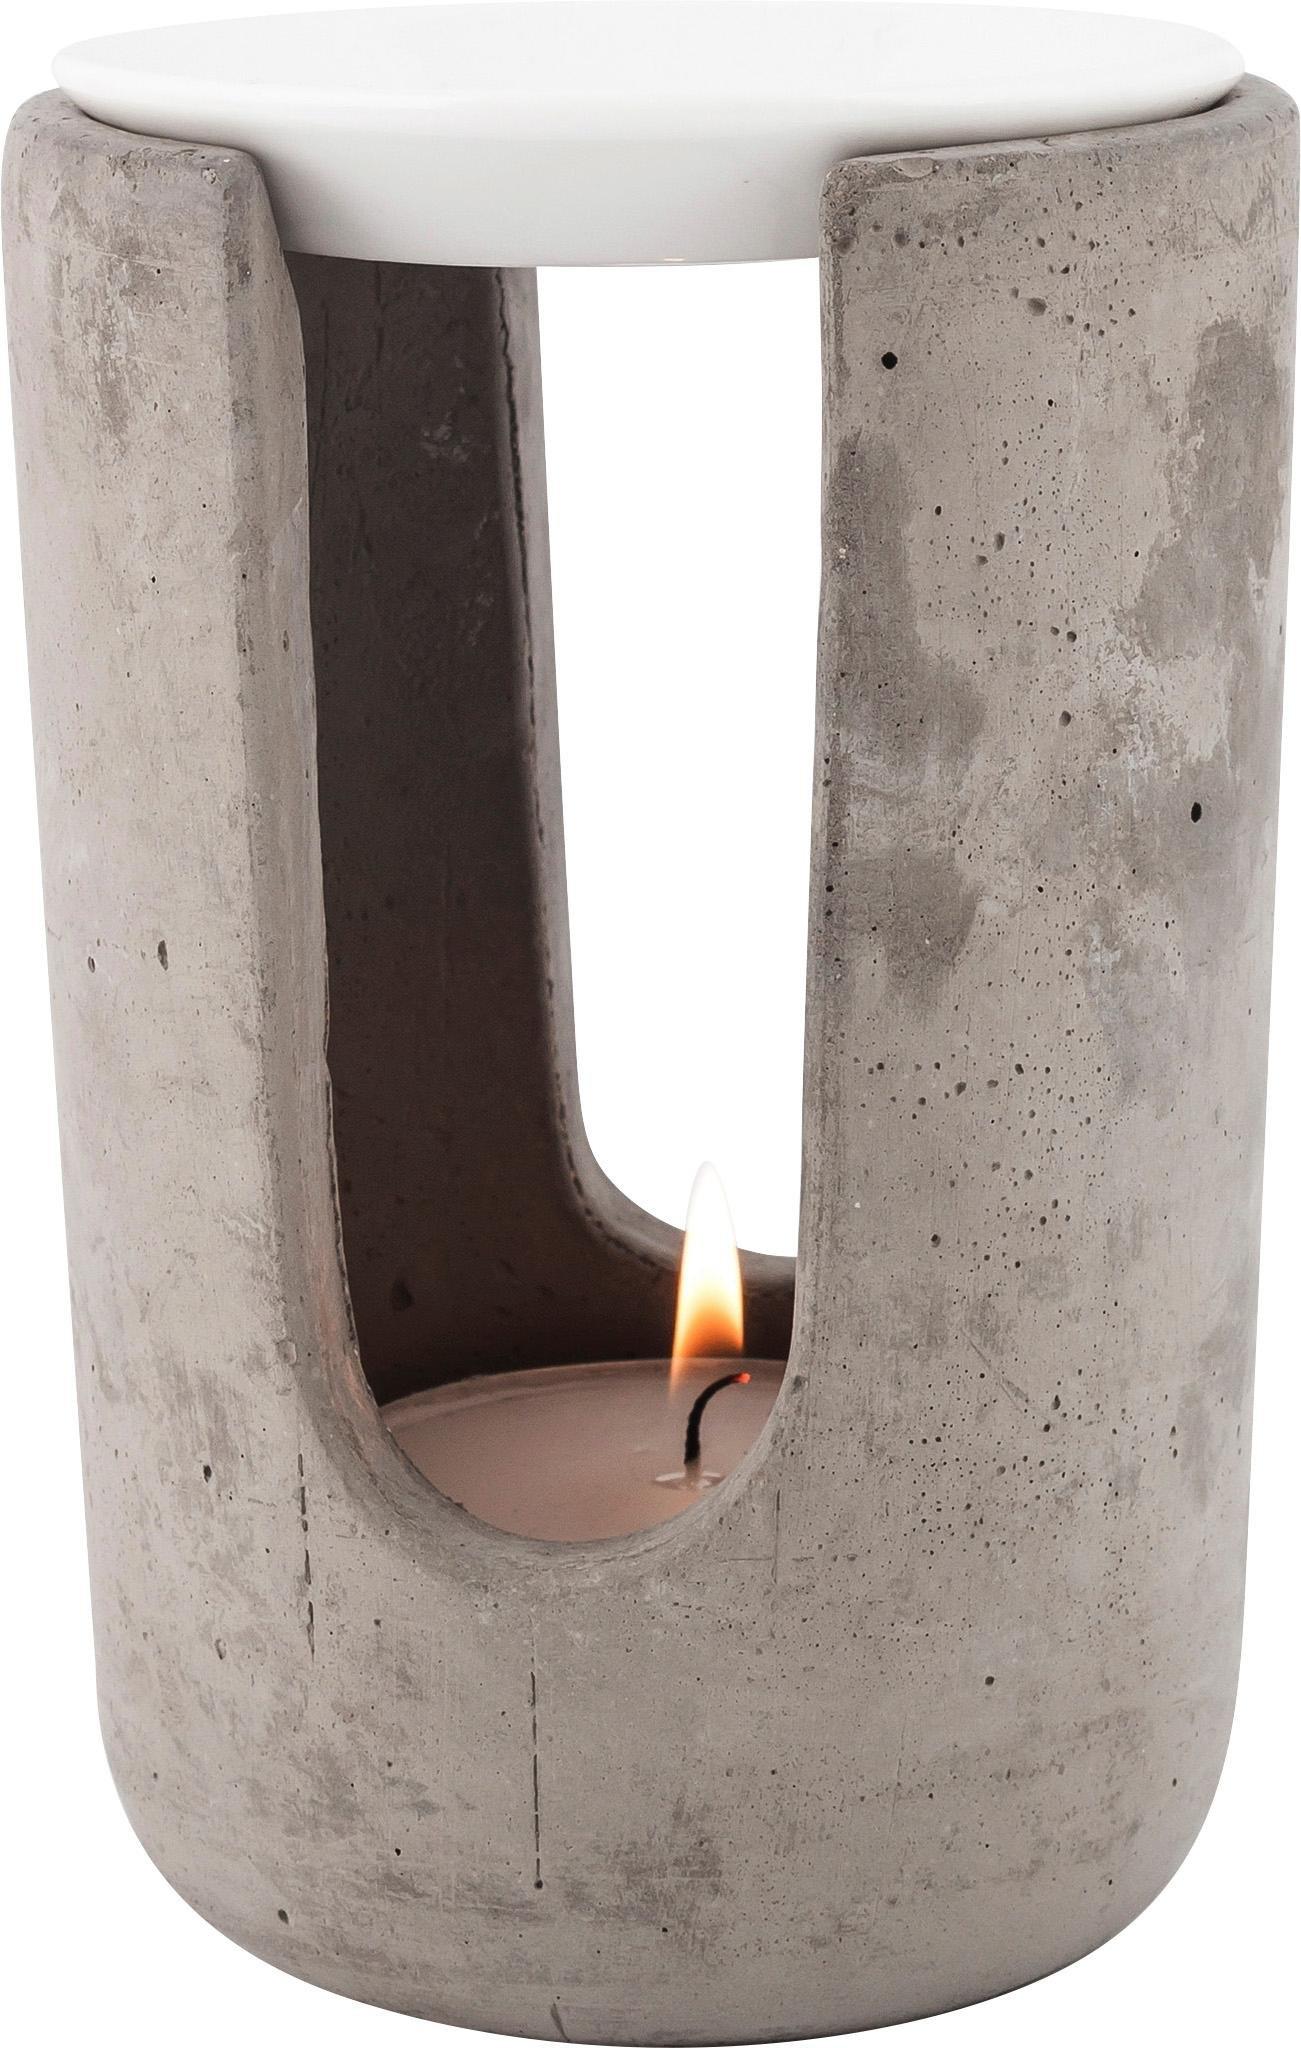 pajoma geurlamp Ambiance van hoge kwaliteit - verschillende betaalmethodes